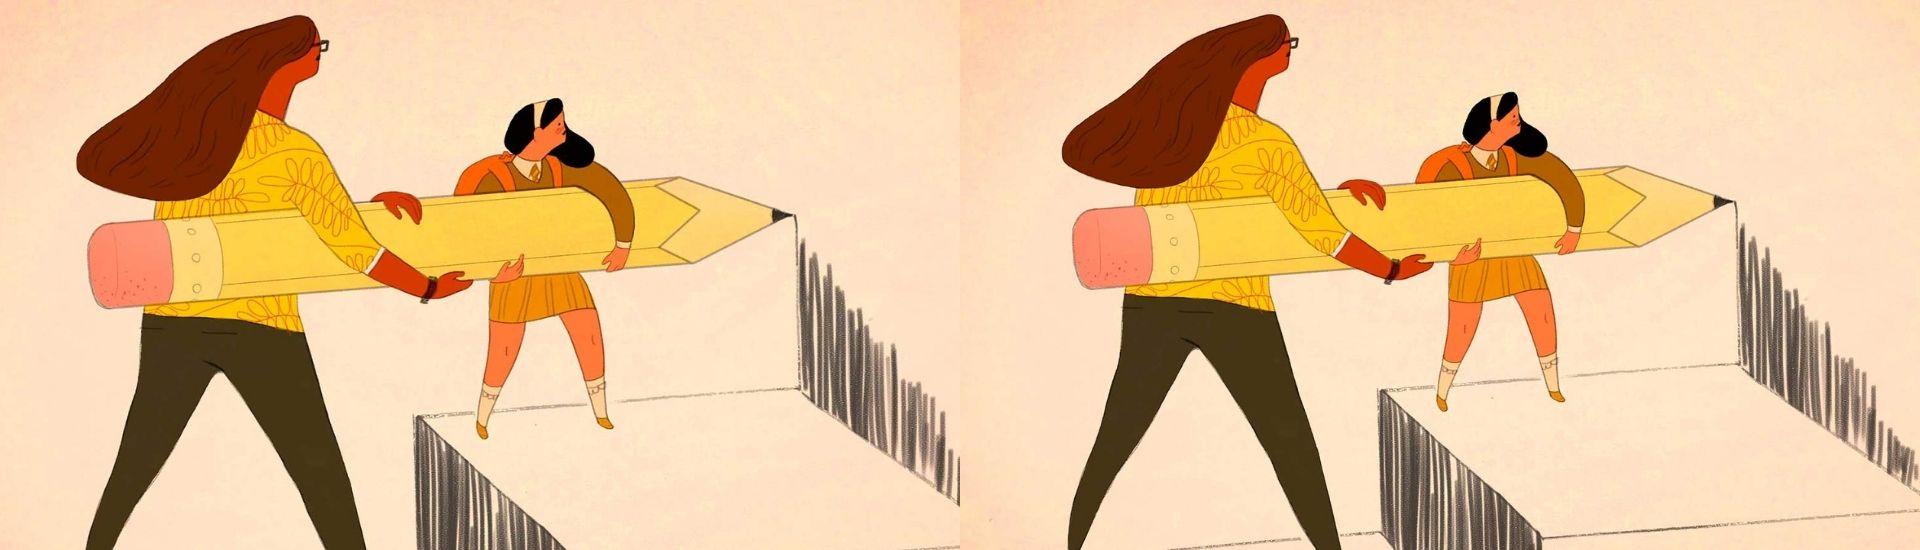 Ilustración mujeres dibujando